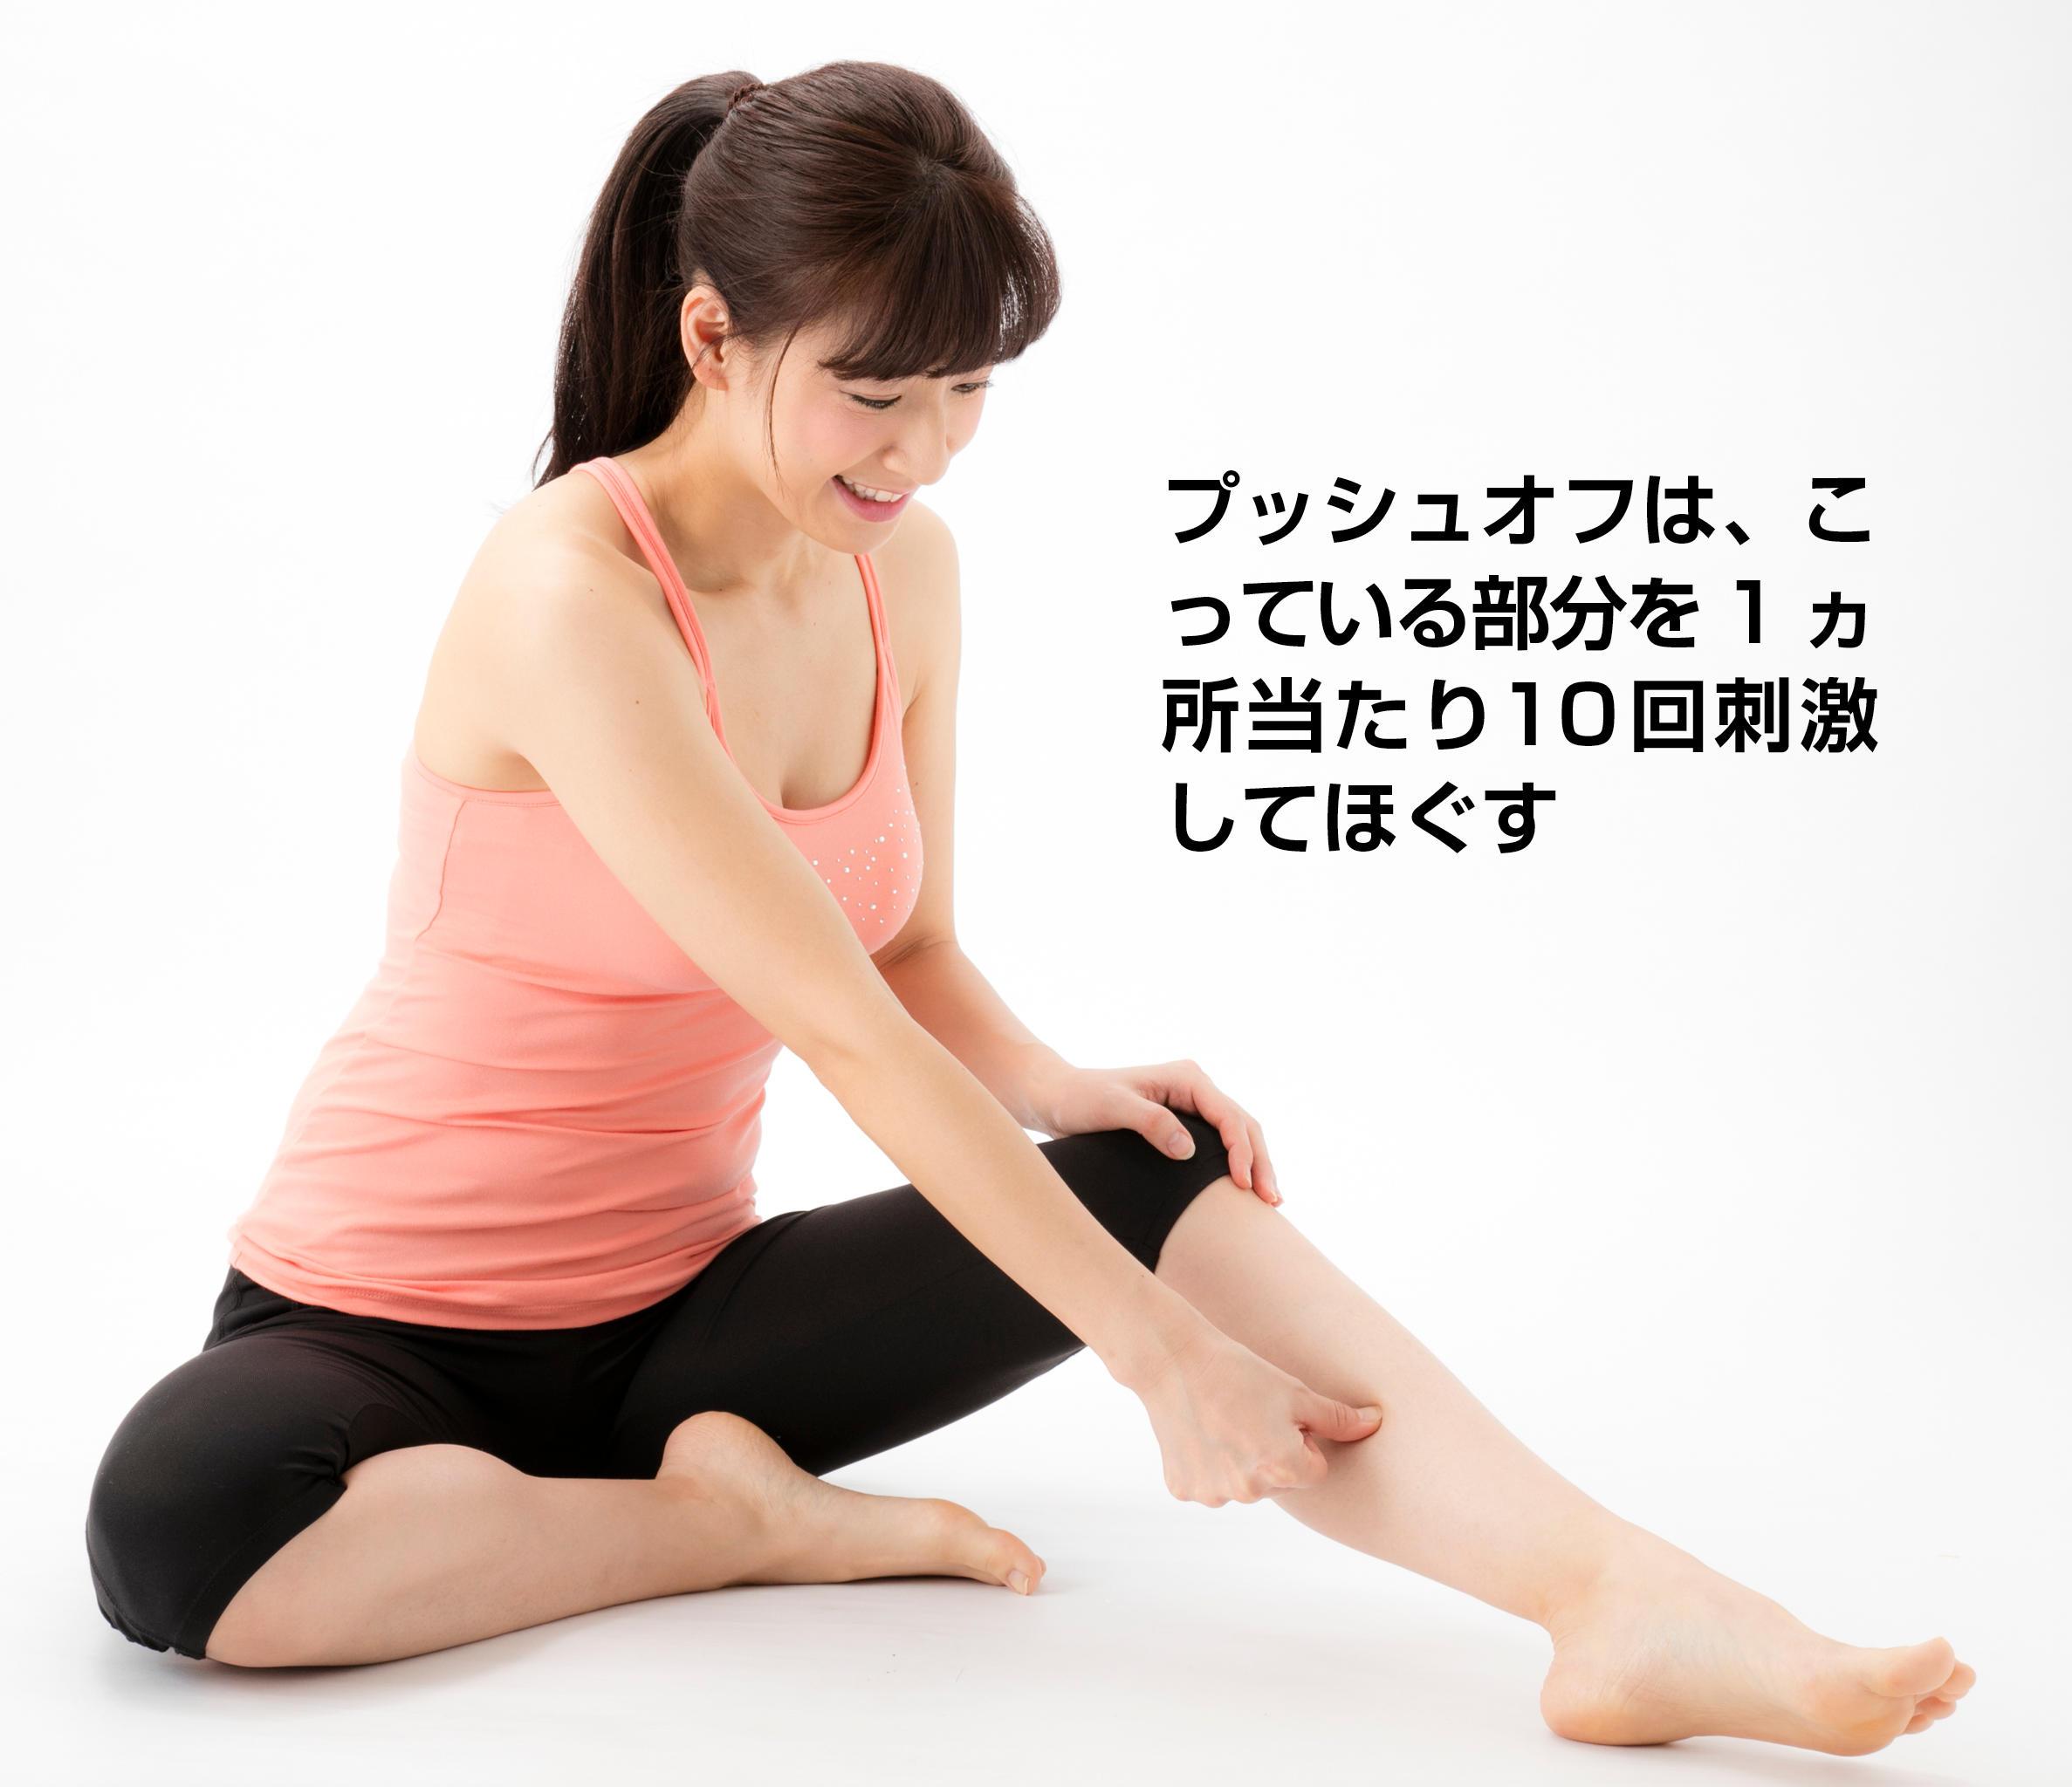 張る 痛い ふくらはぎ 腰痛に注意! 足・ふくらはぎの張りとむくみ